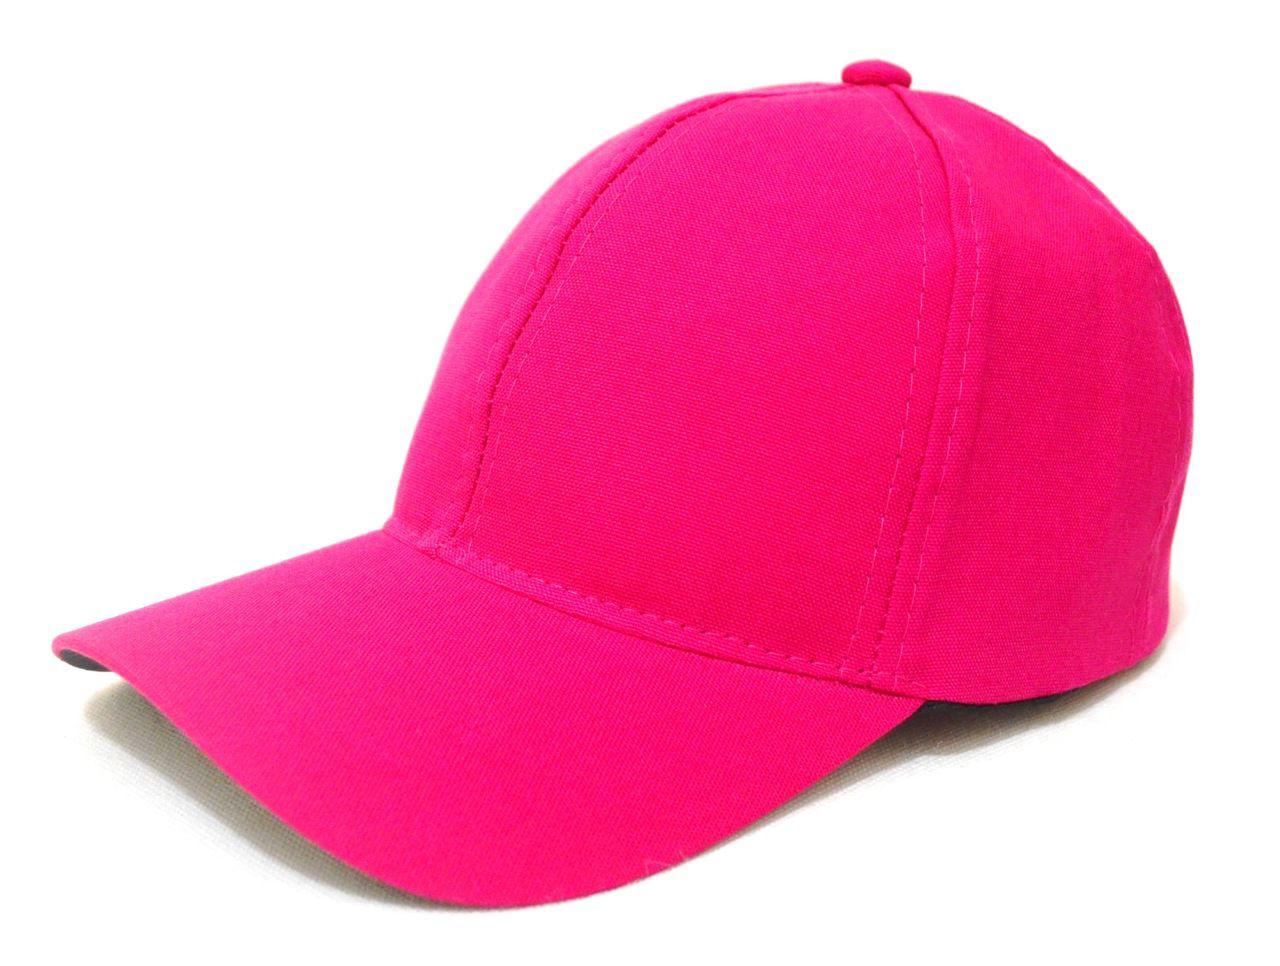 Boné Rosa Pink Liso Aba Curva Unissex com Regulagem de Tamanho - Super Leve f6168614fa2